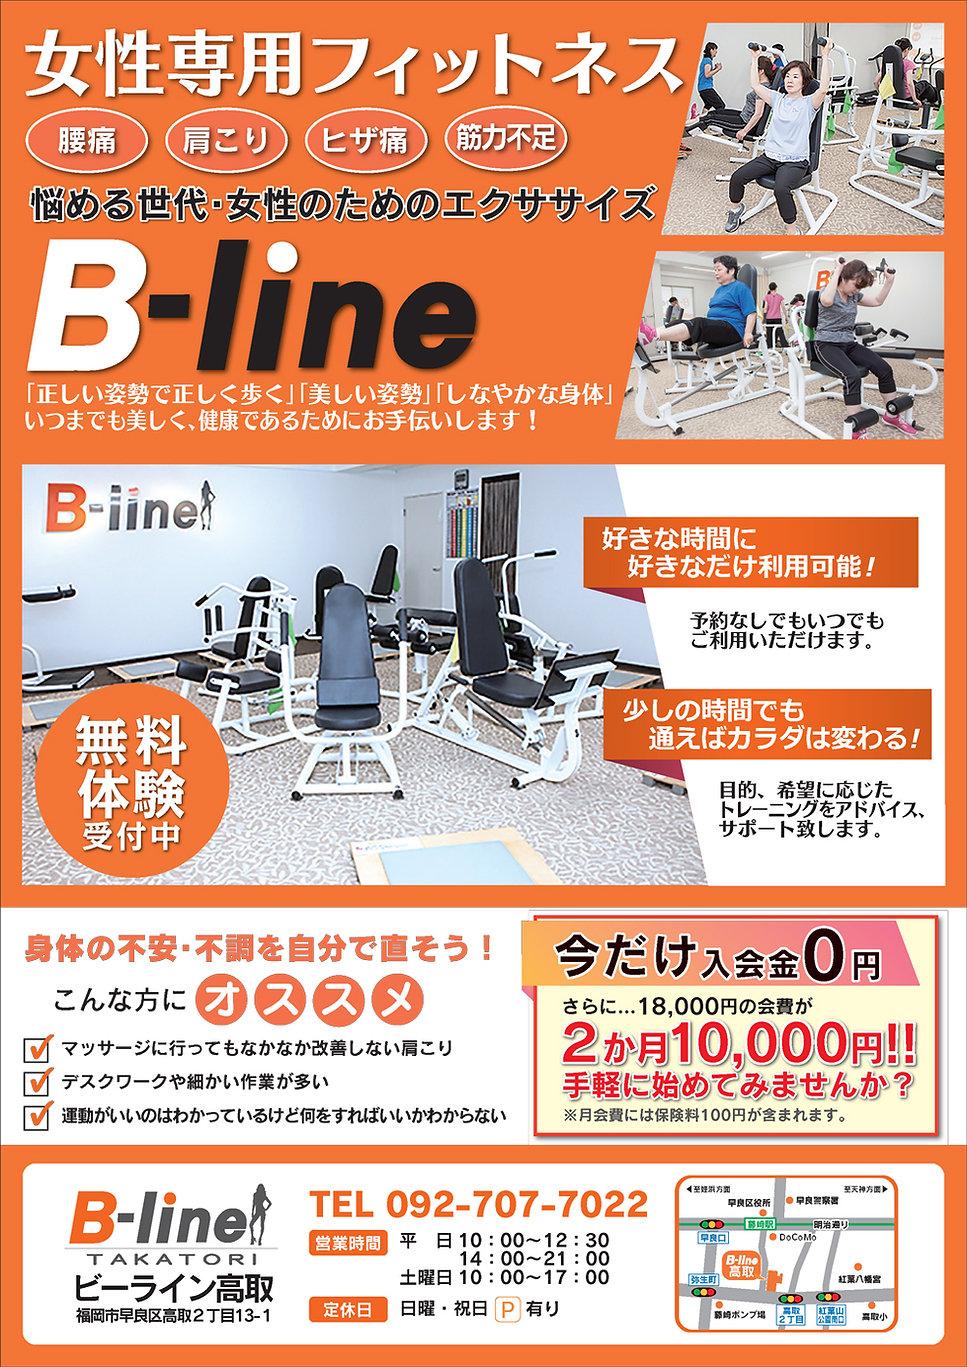 B-line201910-2.jpg